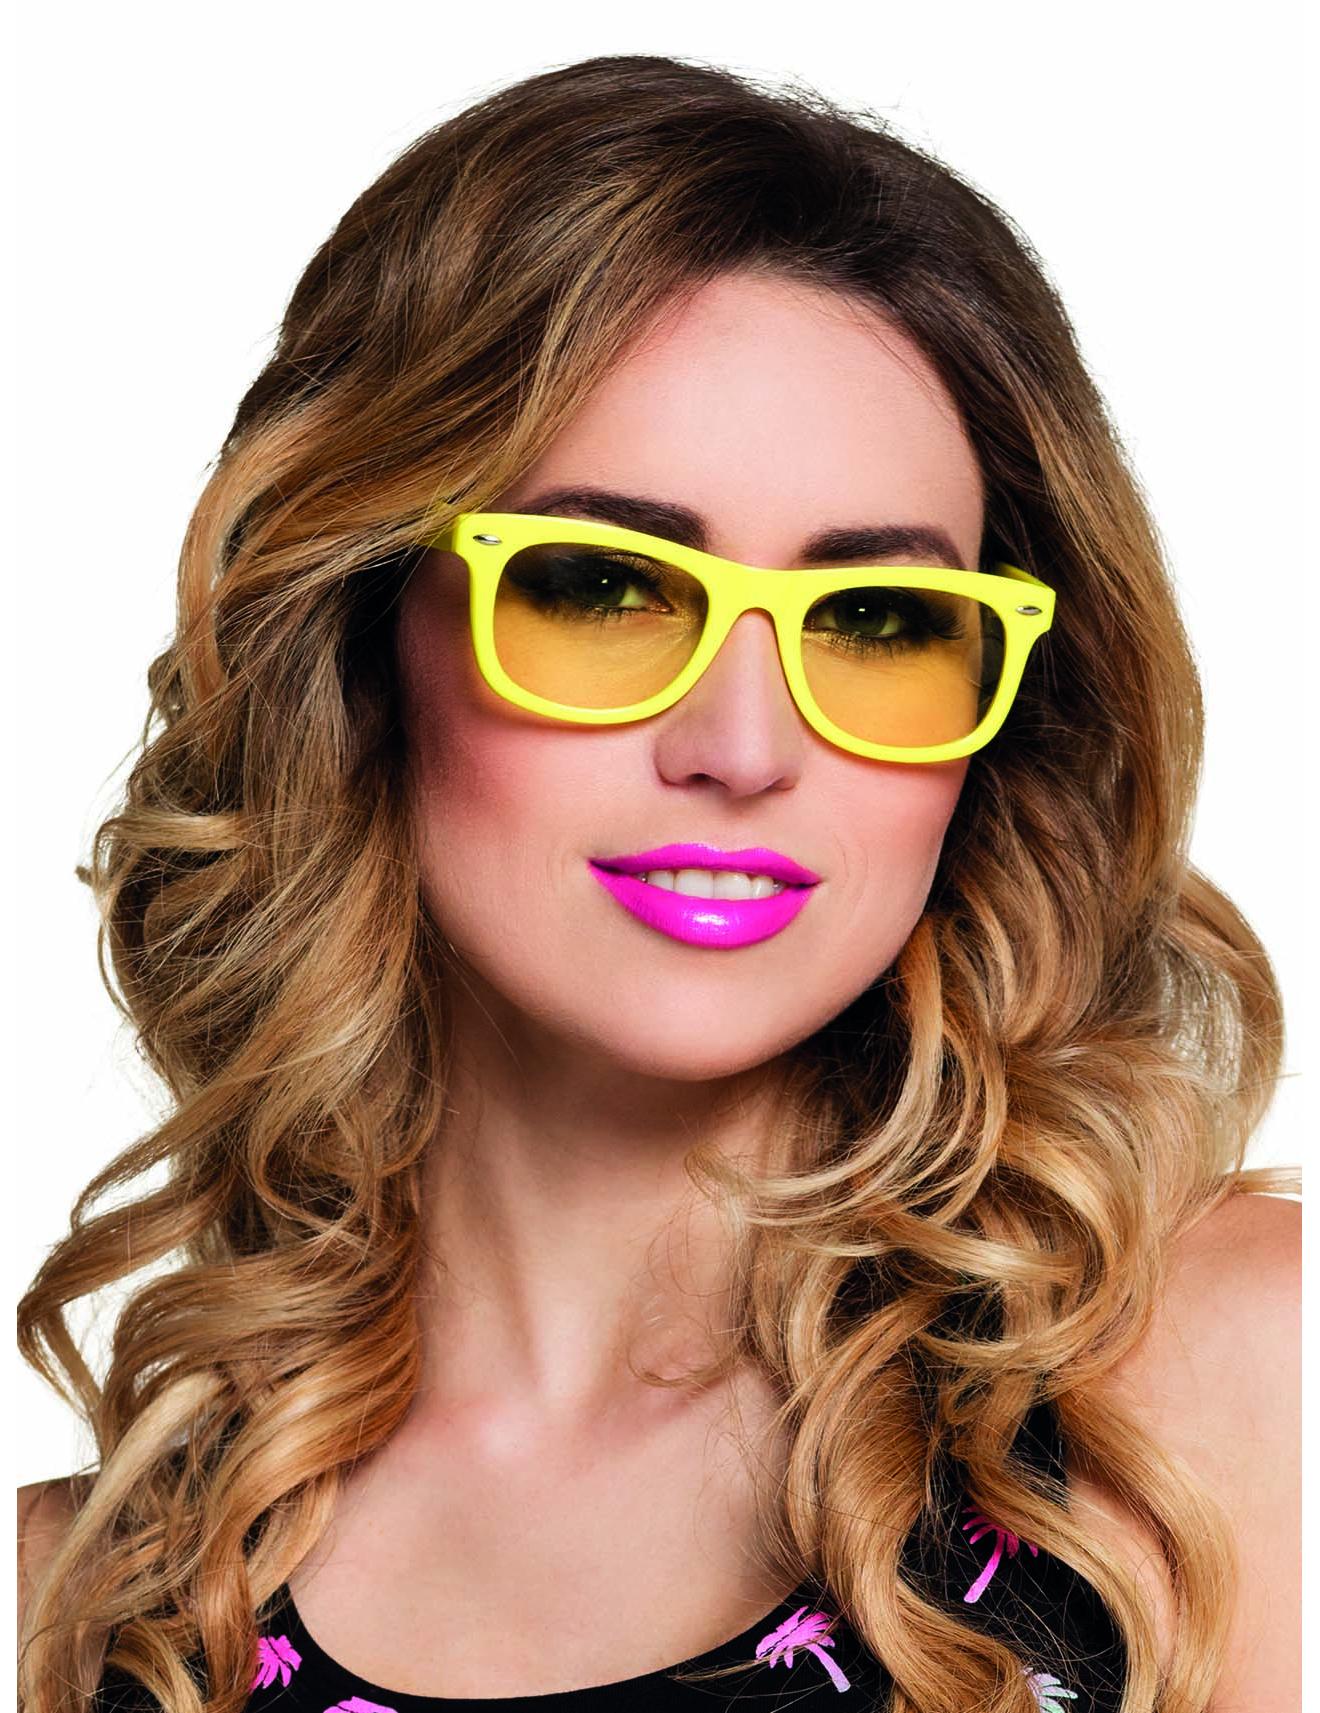 Lunettes jaune fluo 80 s adulte   Deguise-toi, achat de Accessoires cb26fc7fe96c